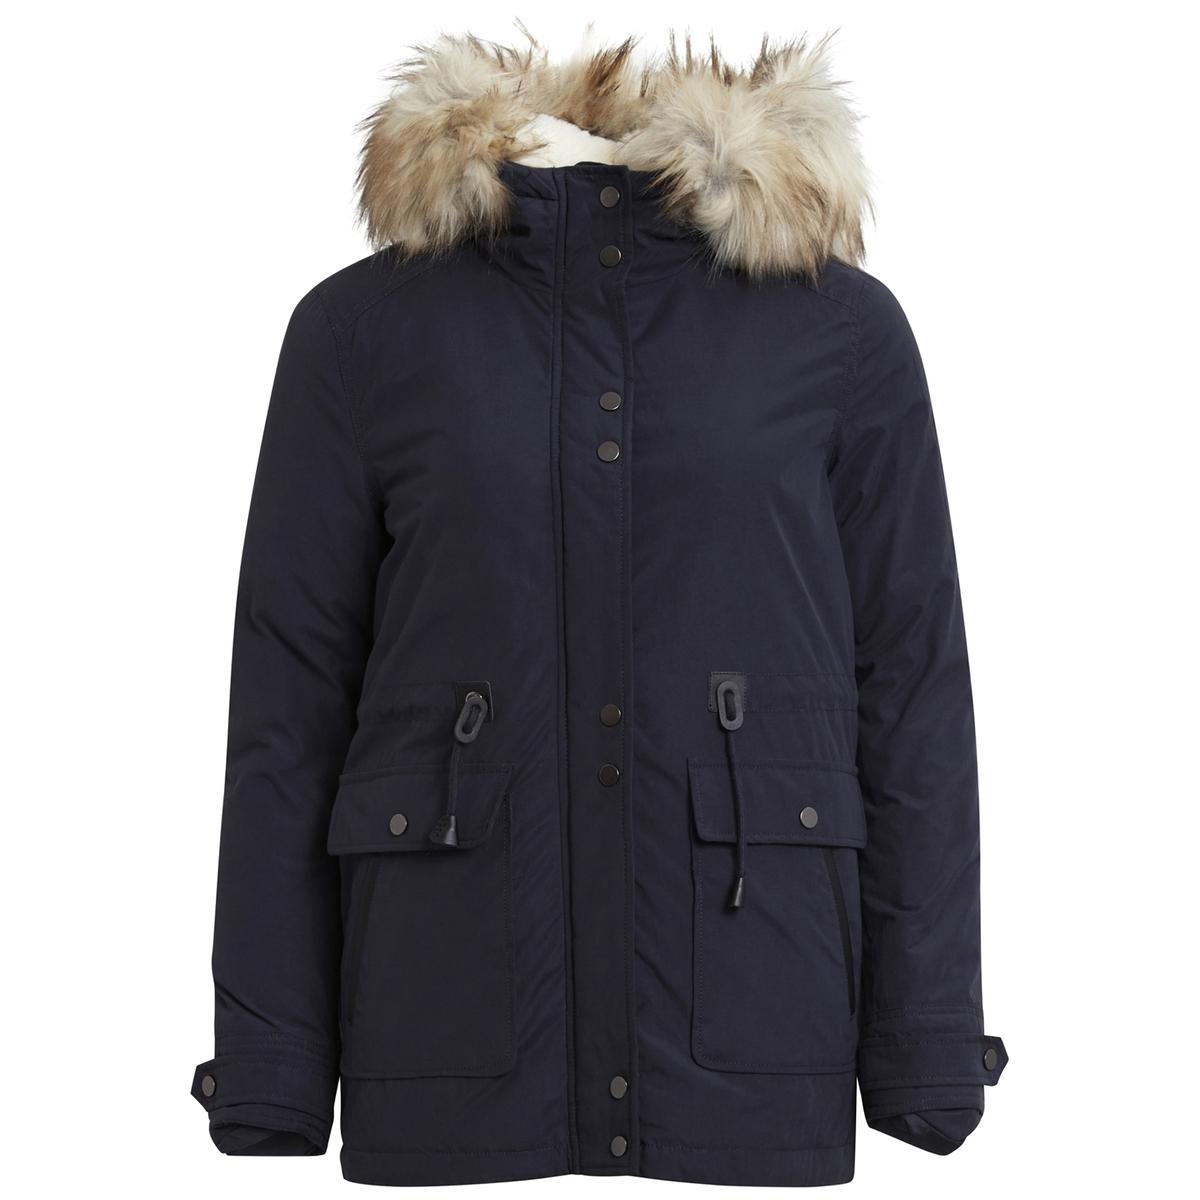 Куртка стеганая с капюшономНичего нет лучше, чем эта стеганая куртка для защиты от сильных холодов? Отличная куртка, сочетающая свободу движений и элегантность !Детали •  Длина  : средняя •  Капюшон •  Застежка на молнию •  С капюшономСостав и уход •  38% хлопка, 62% полиэстера •  Следуйте советам по уходу, указанным на этикетке<br><br>Цвет: темно-синий